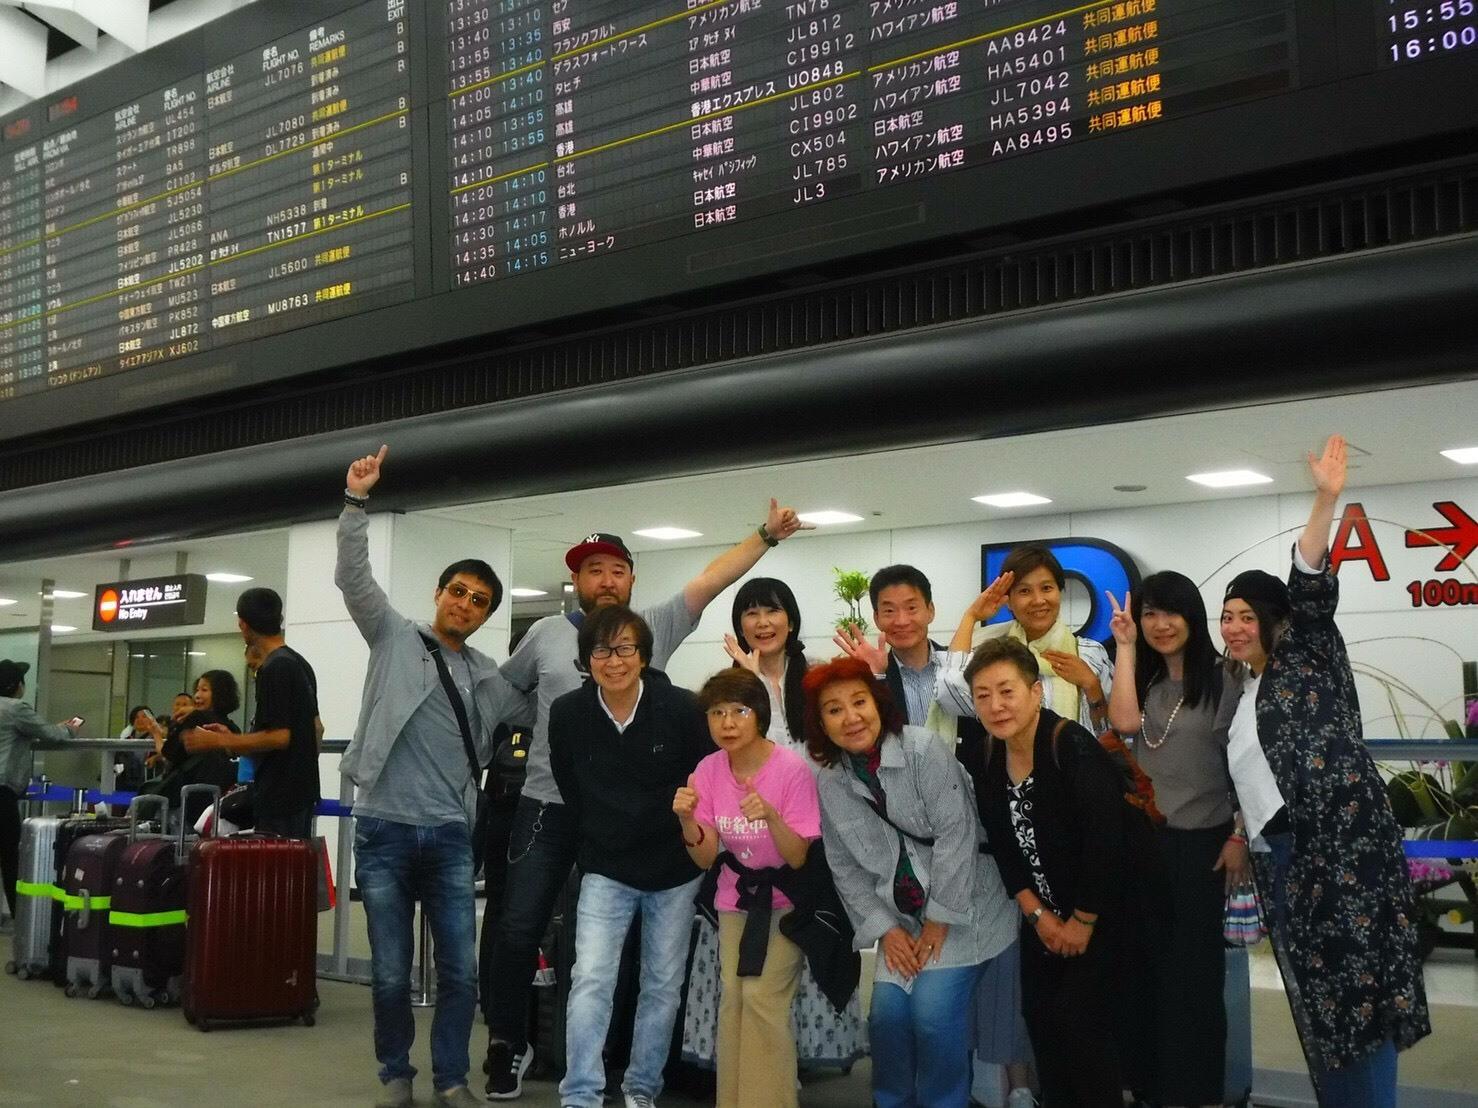 日本の声優と台湾高雄の友好_a0163623_22150973.jpg